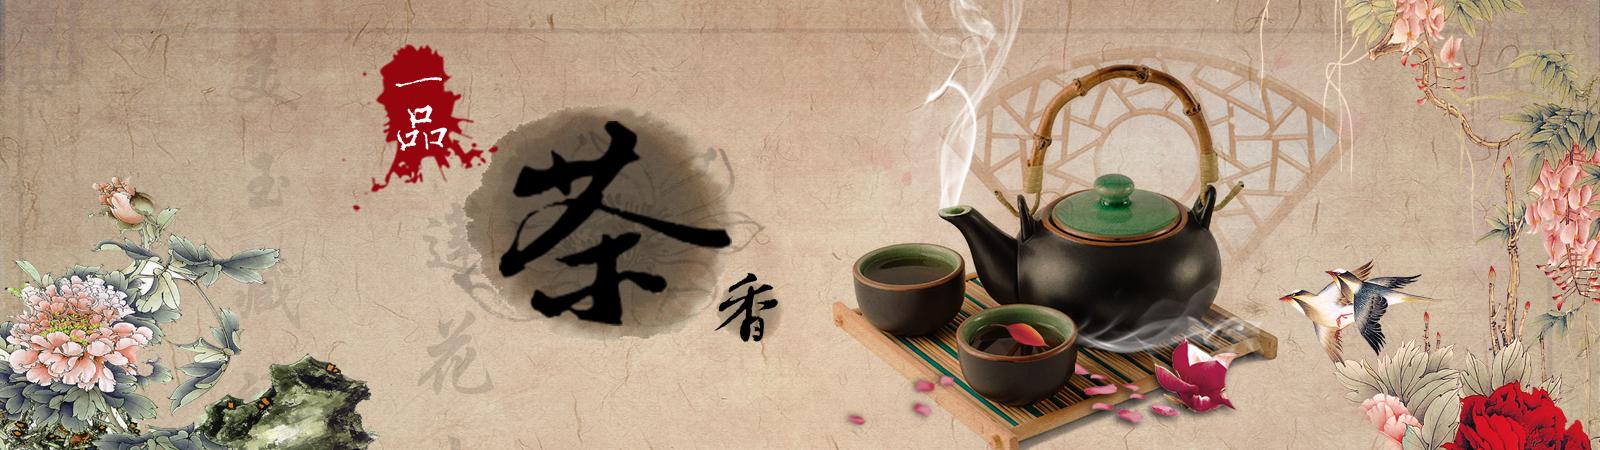 茶道banner 古风banner